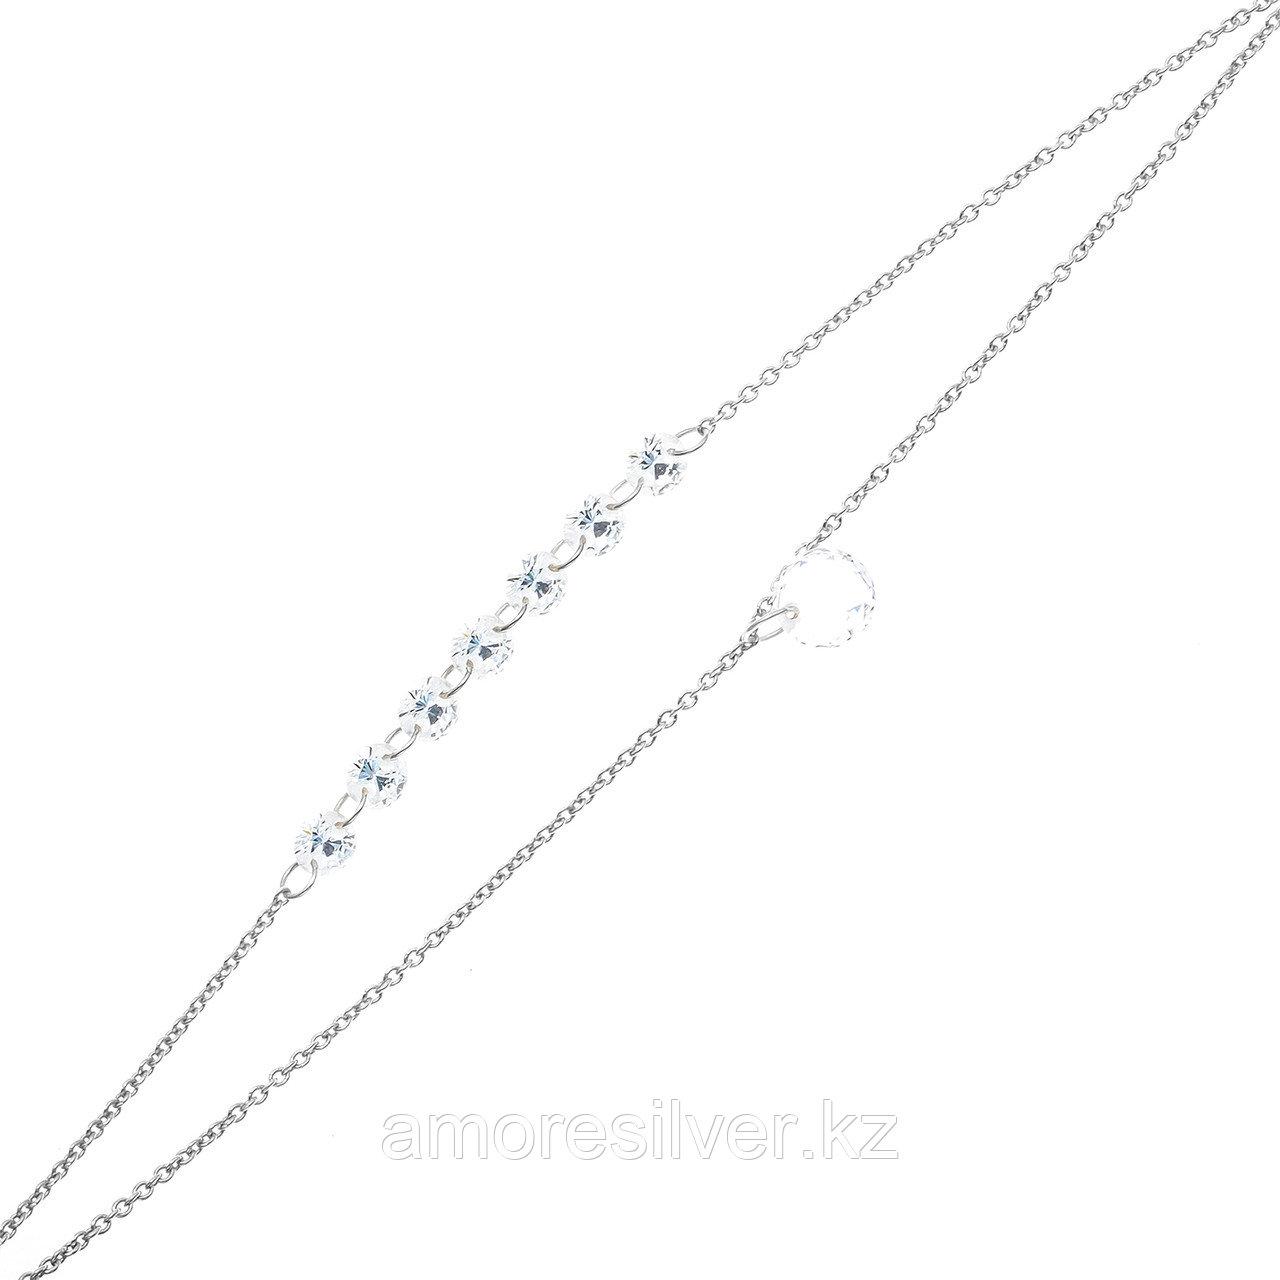 Браслет из серебра  Адамант Ср925Р-864703016